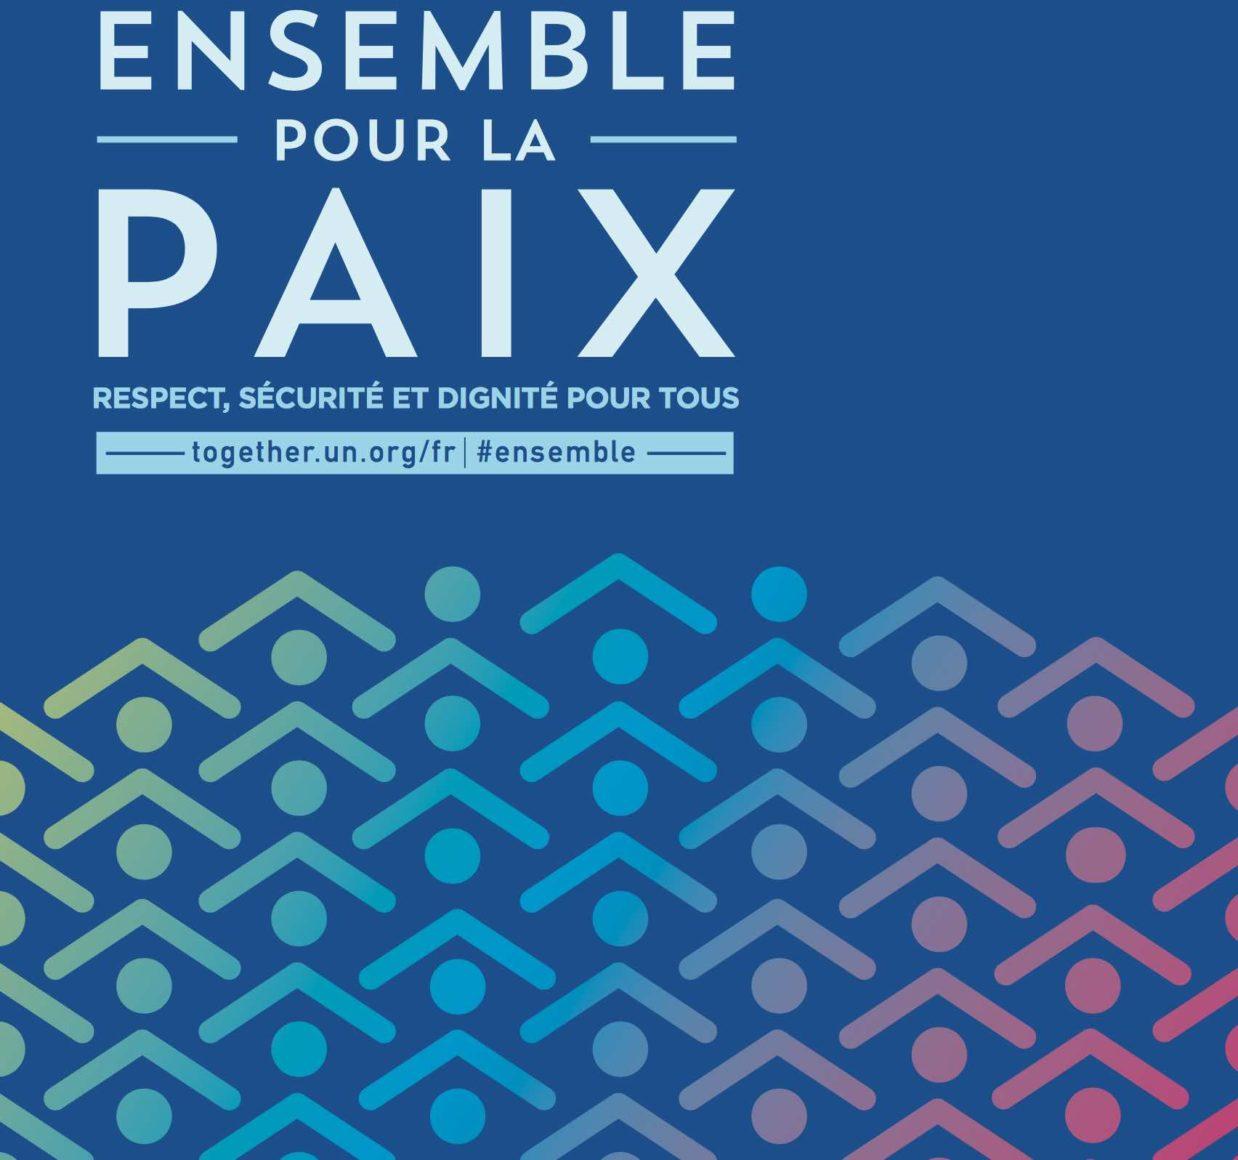 JOURNÉE INTERNATIONALE DE LA PAIX LE 21 SEPTEMBRE